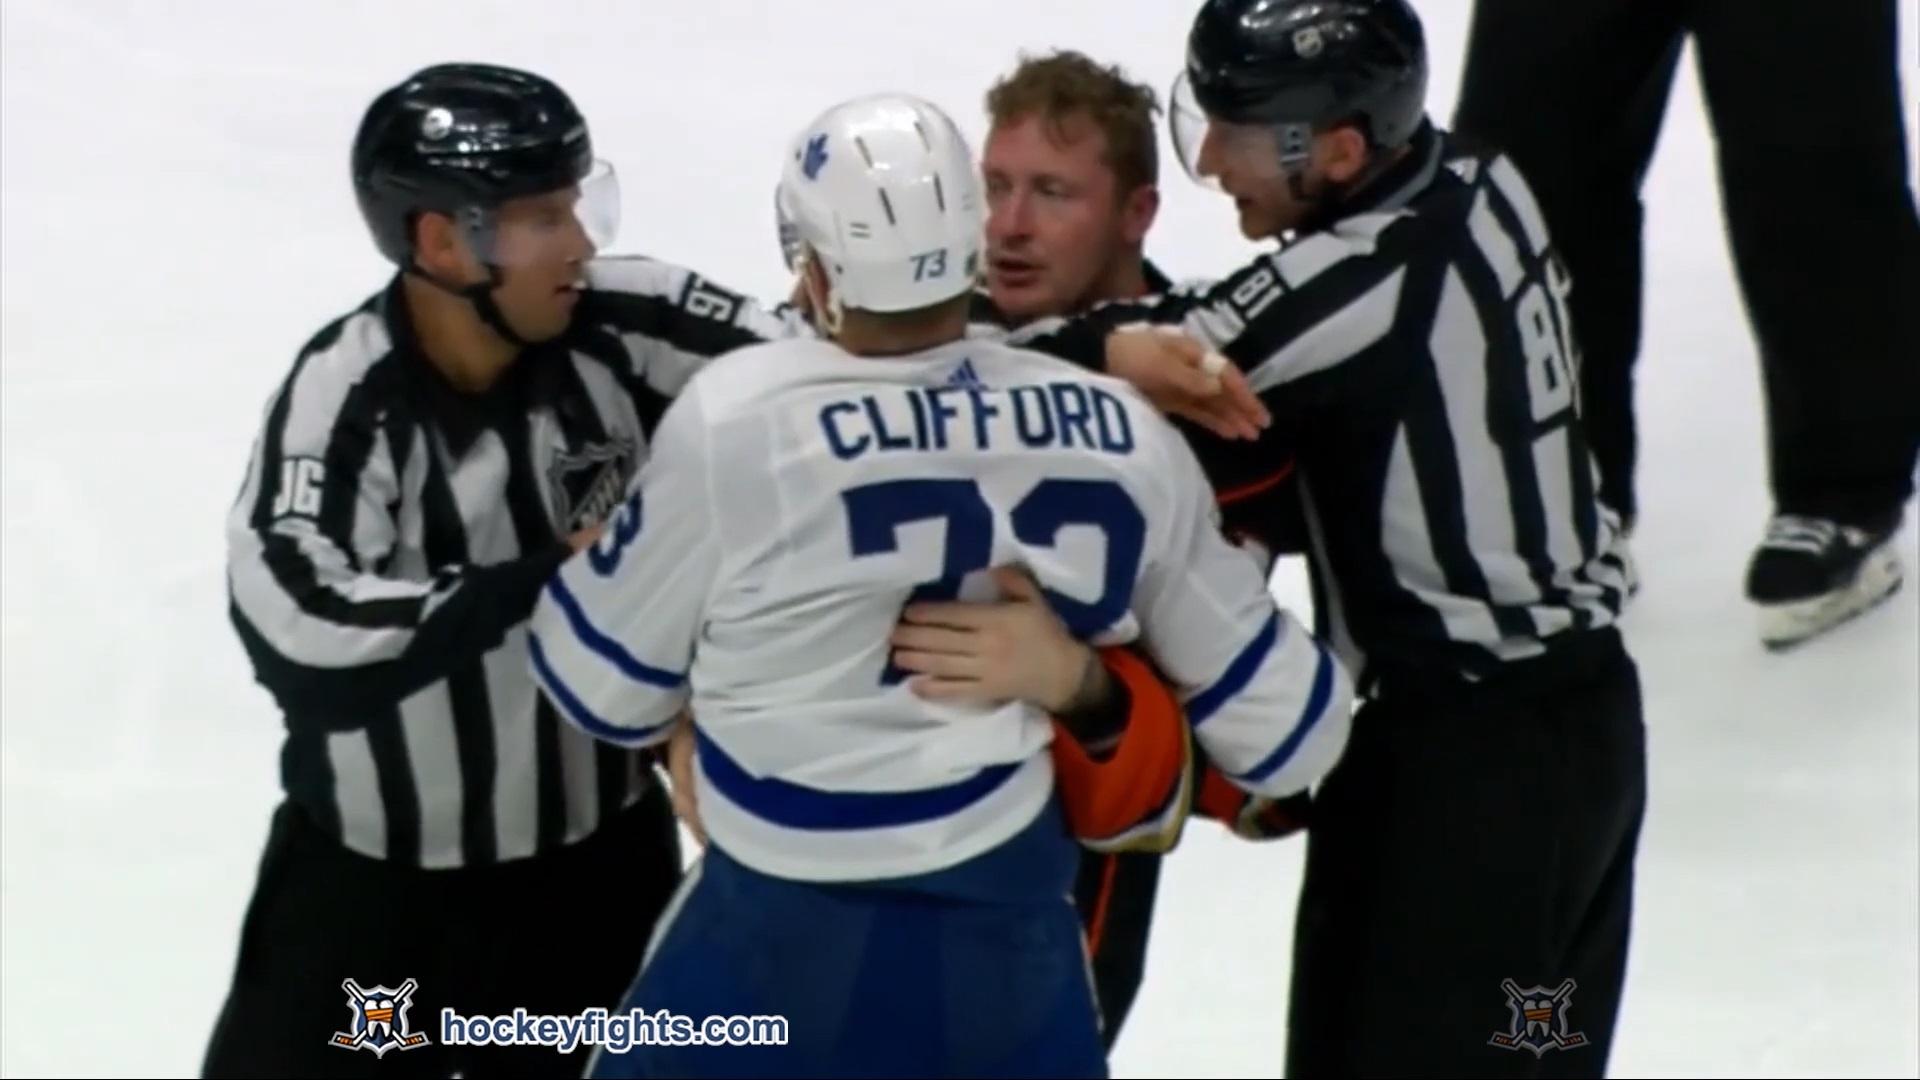 Kyle Clifford vs Nicolas Deslauriers